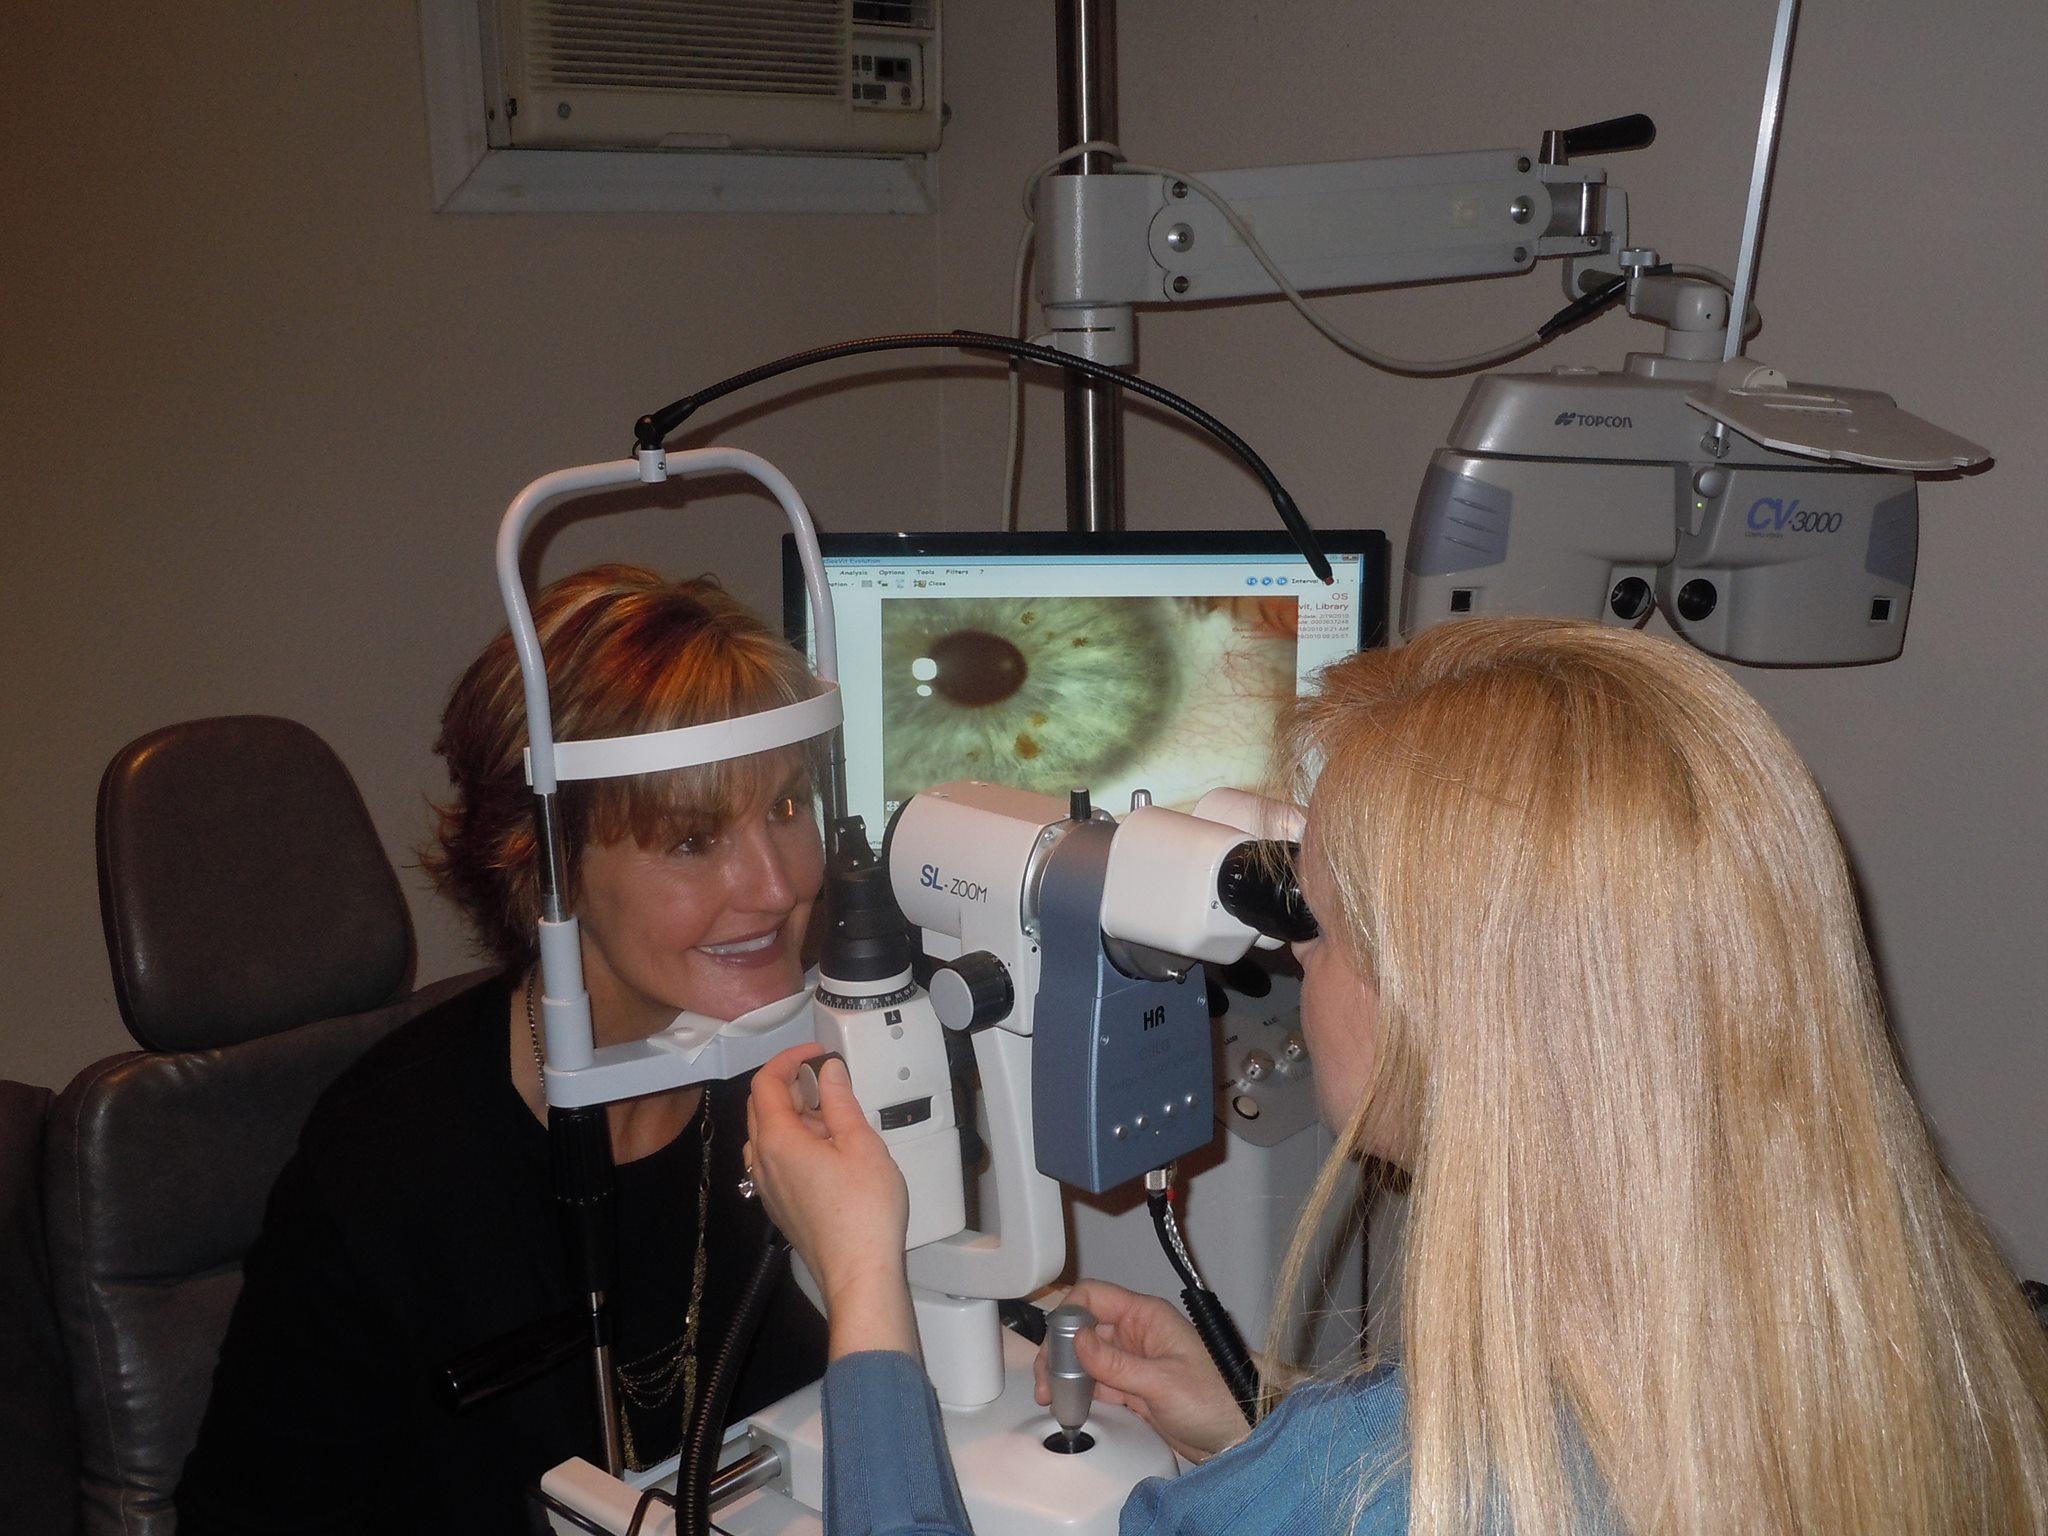 Dr. Alicia doing exam